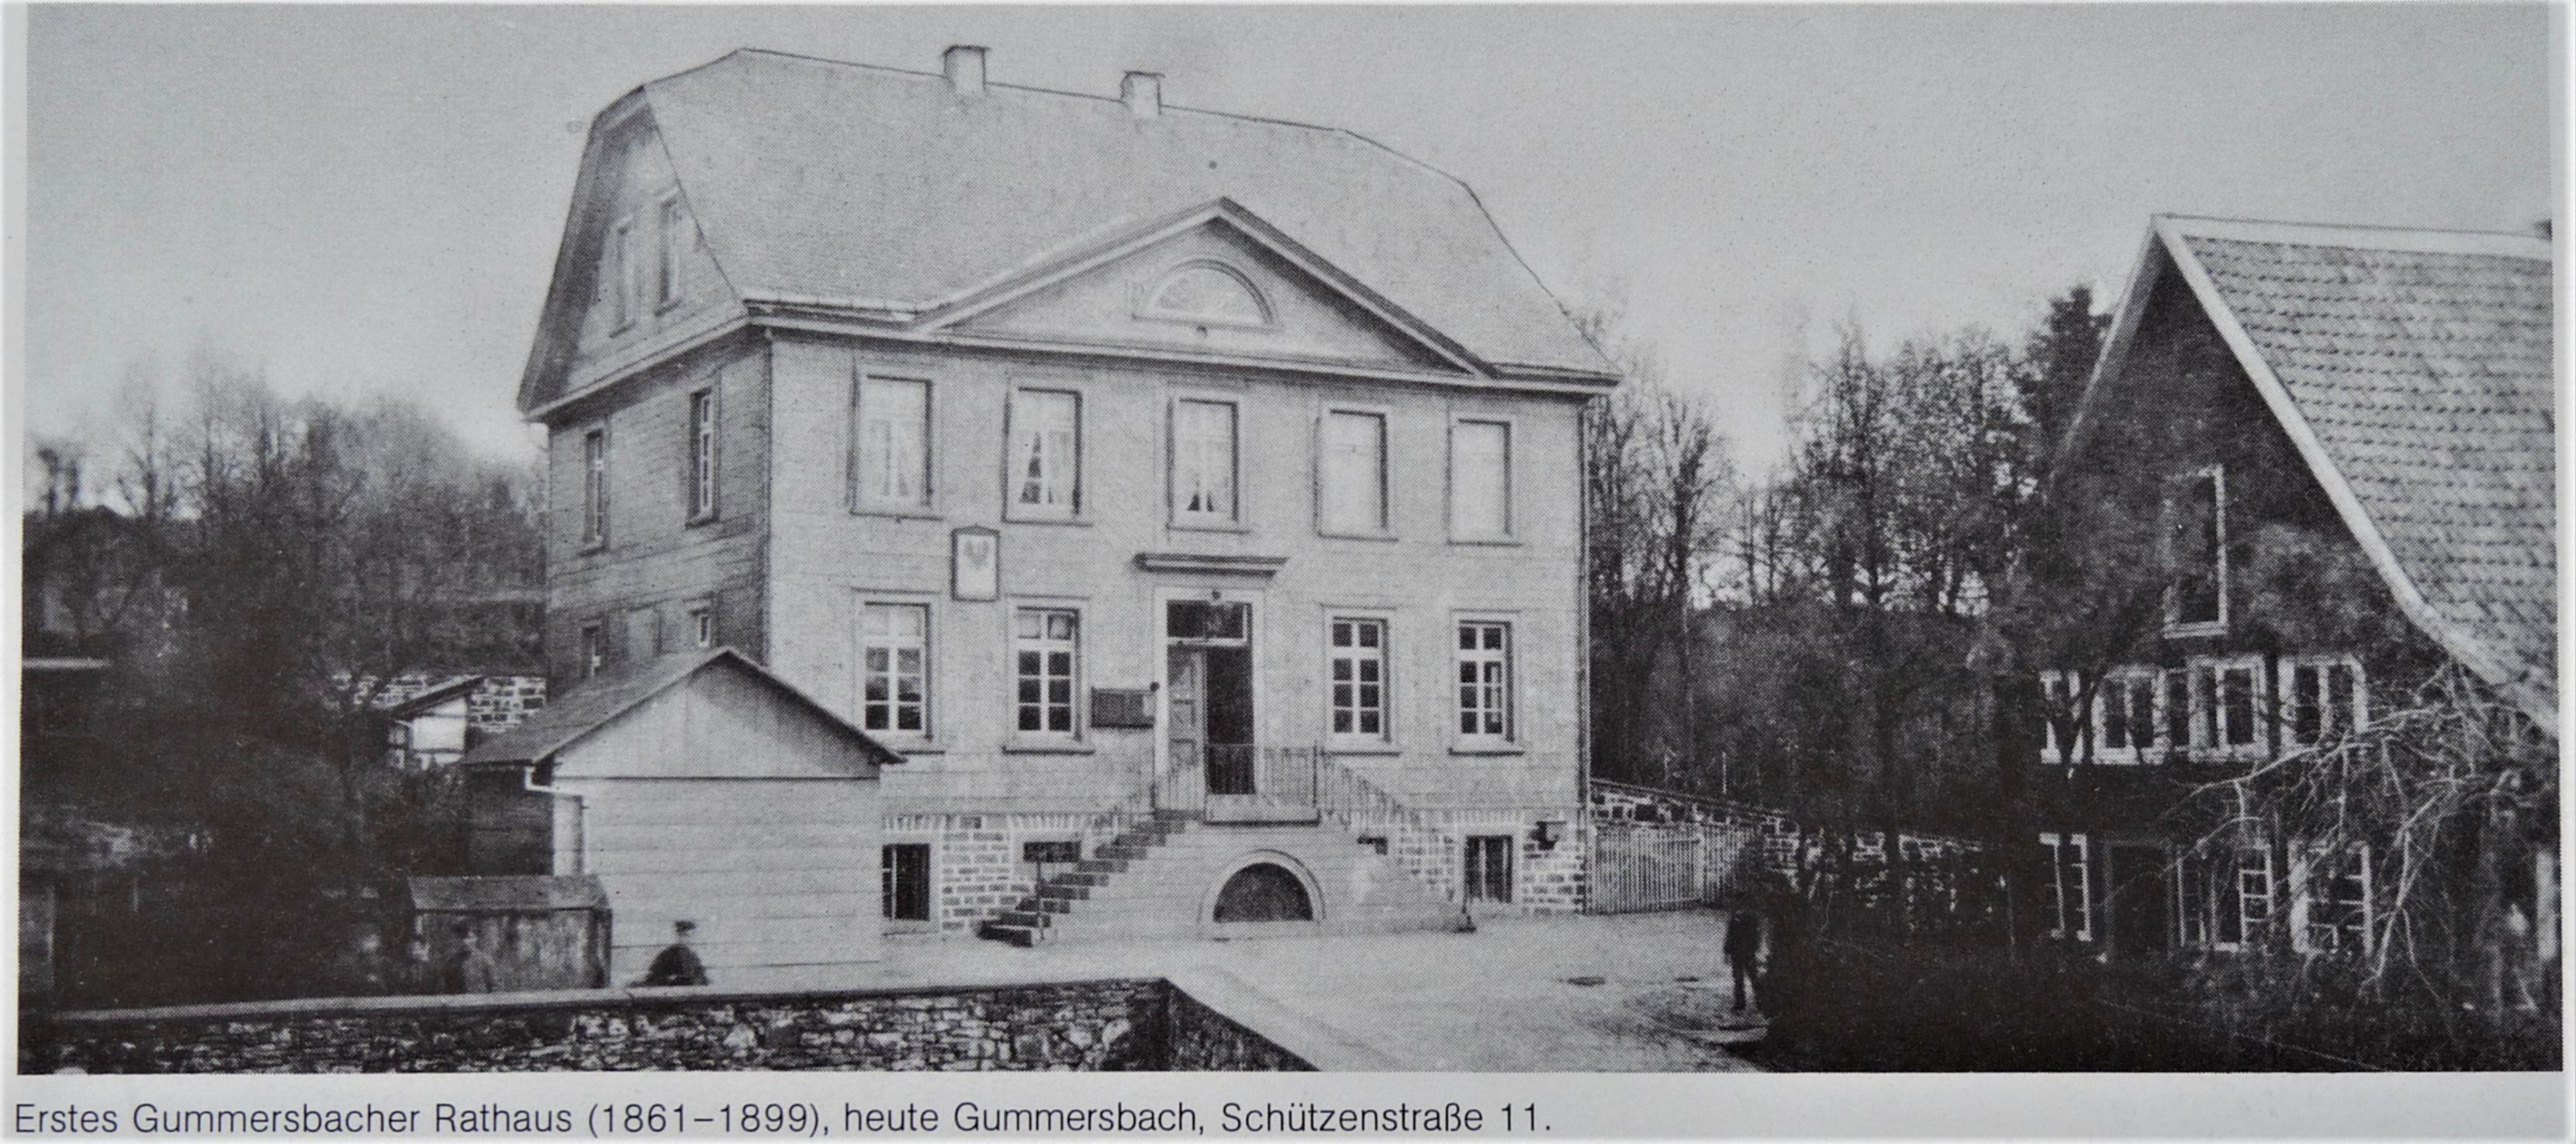 Historische Aufnahme - Erstes Rathaus (1861 - 1899), heute Schützenstraße 11